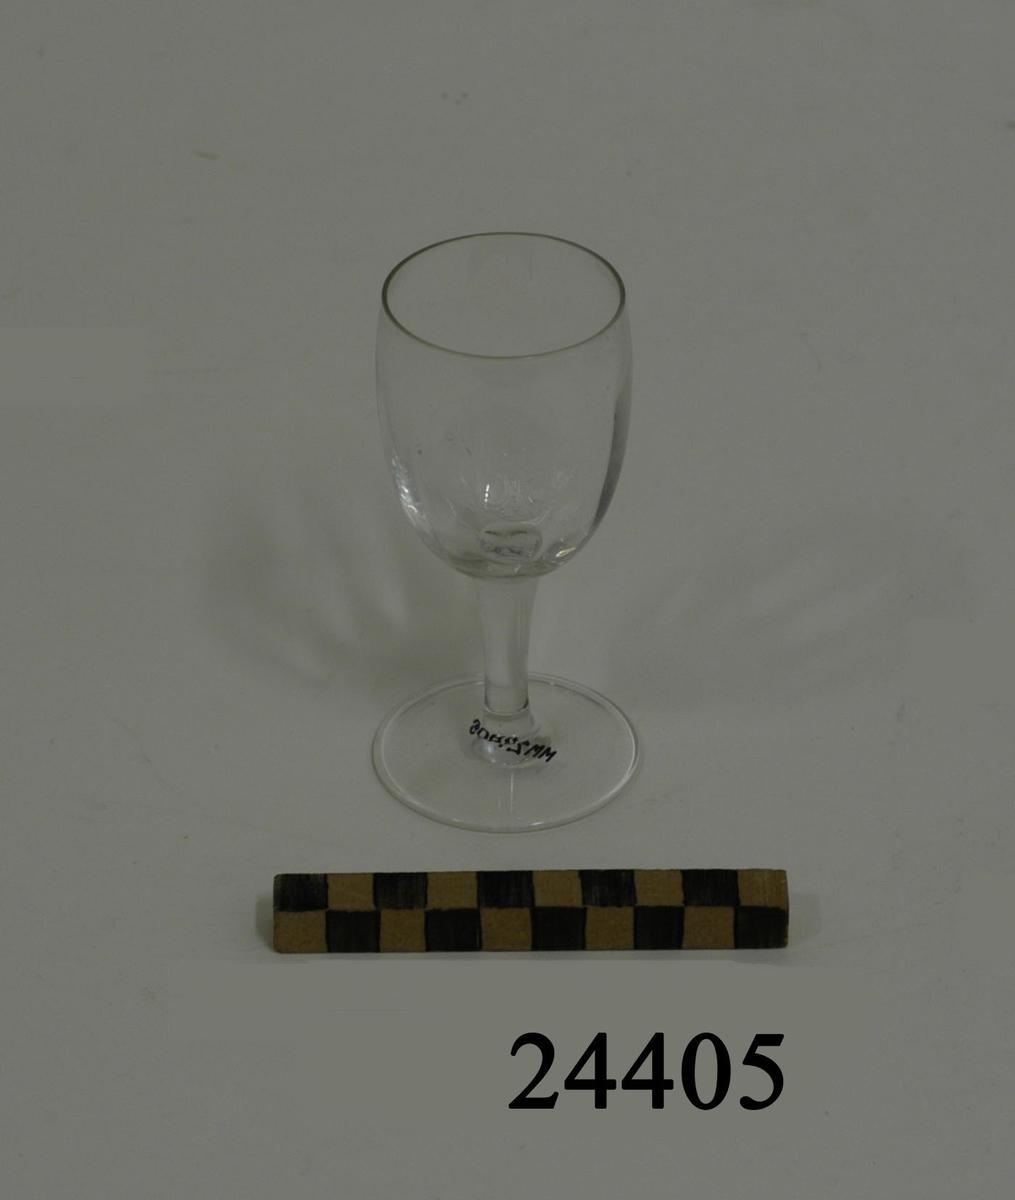 Likör eller sherryglas bestående av välvd smal cylindrisk kupa med lodräta vågmönster. Smalt runt ben och rund plan fot. På kupan graverad dekor: ett krönt stockankare med monogram R M ( Reale Marina = Kungliga Flottan ). Diameter:  47 mm, glaset   D = 54 mm fot